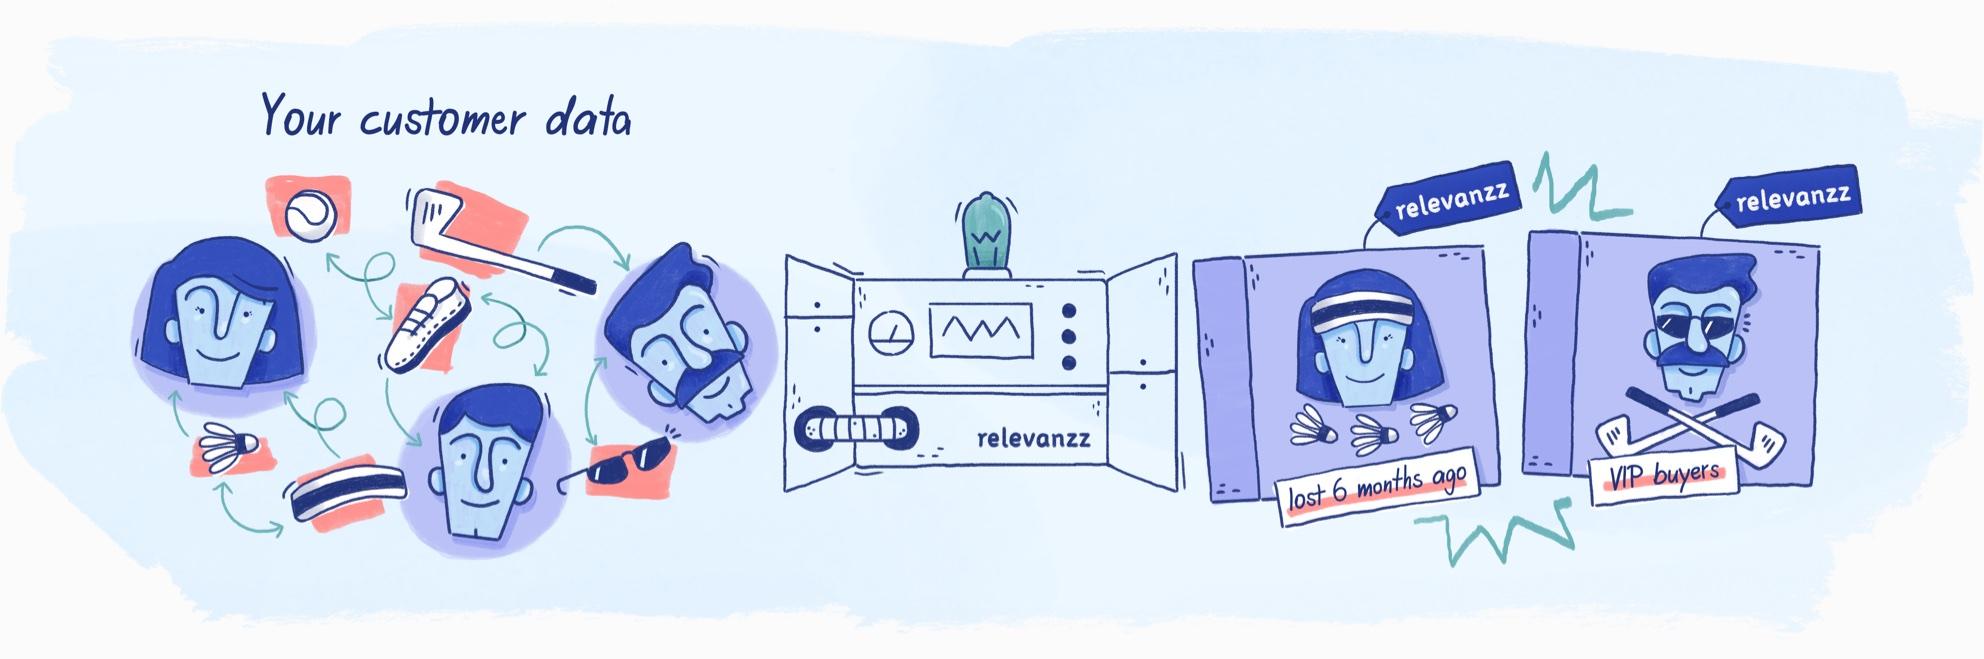 Relevanzz segmentation machine